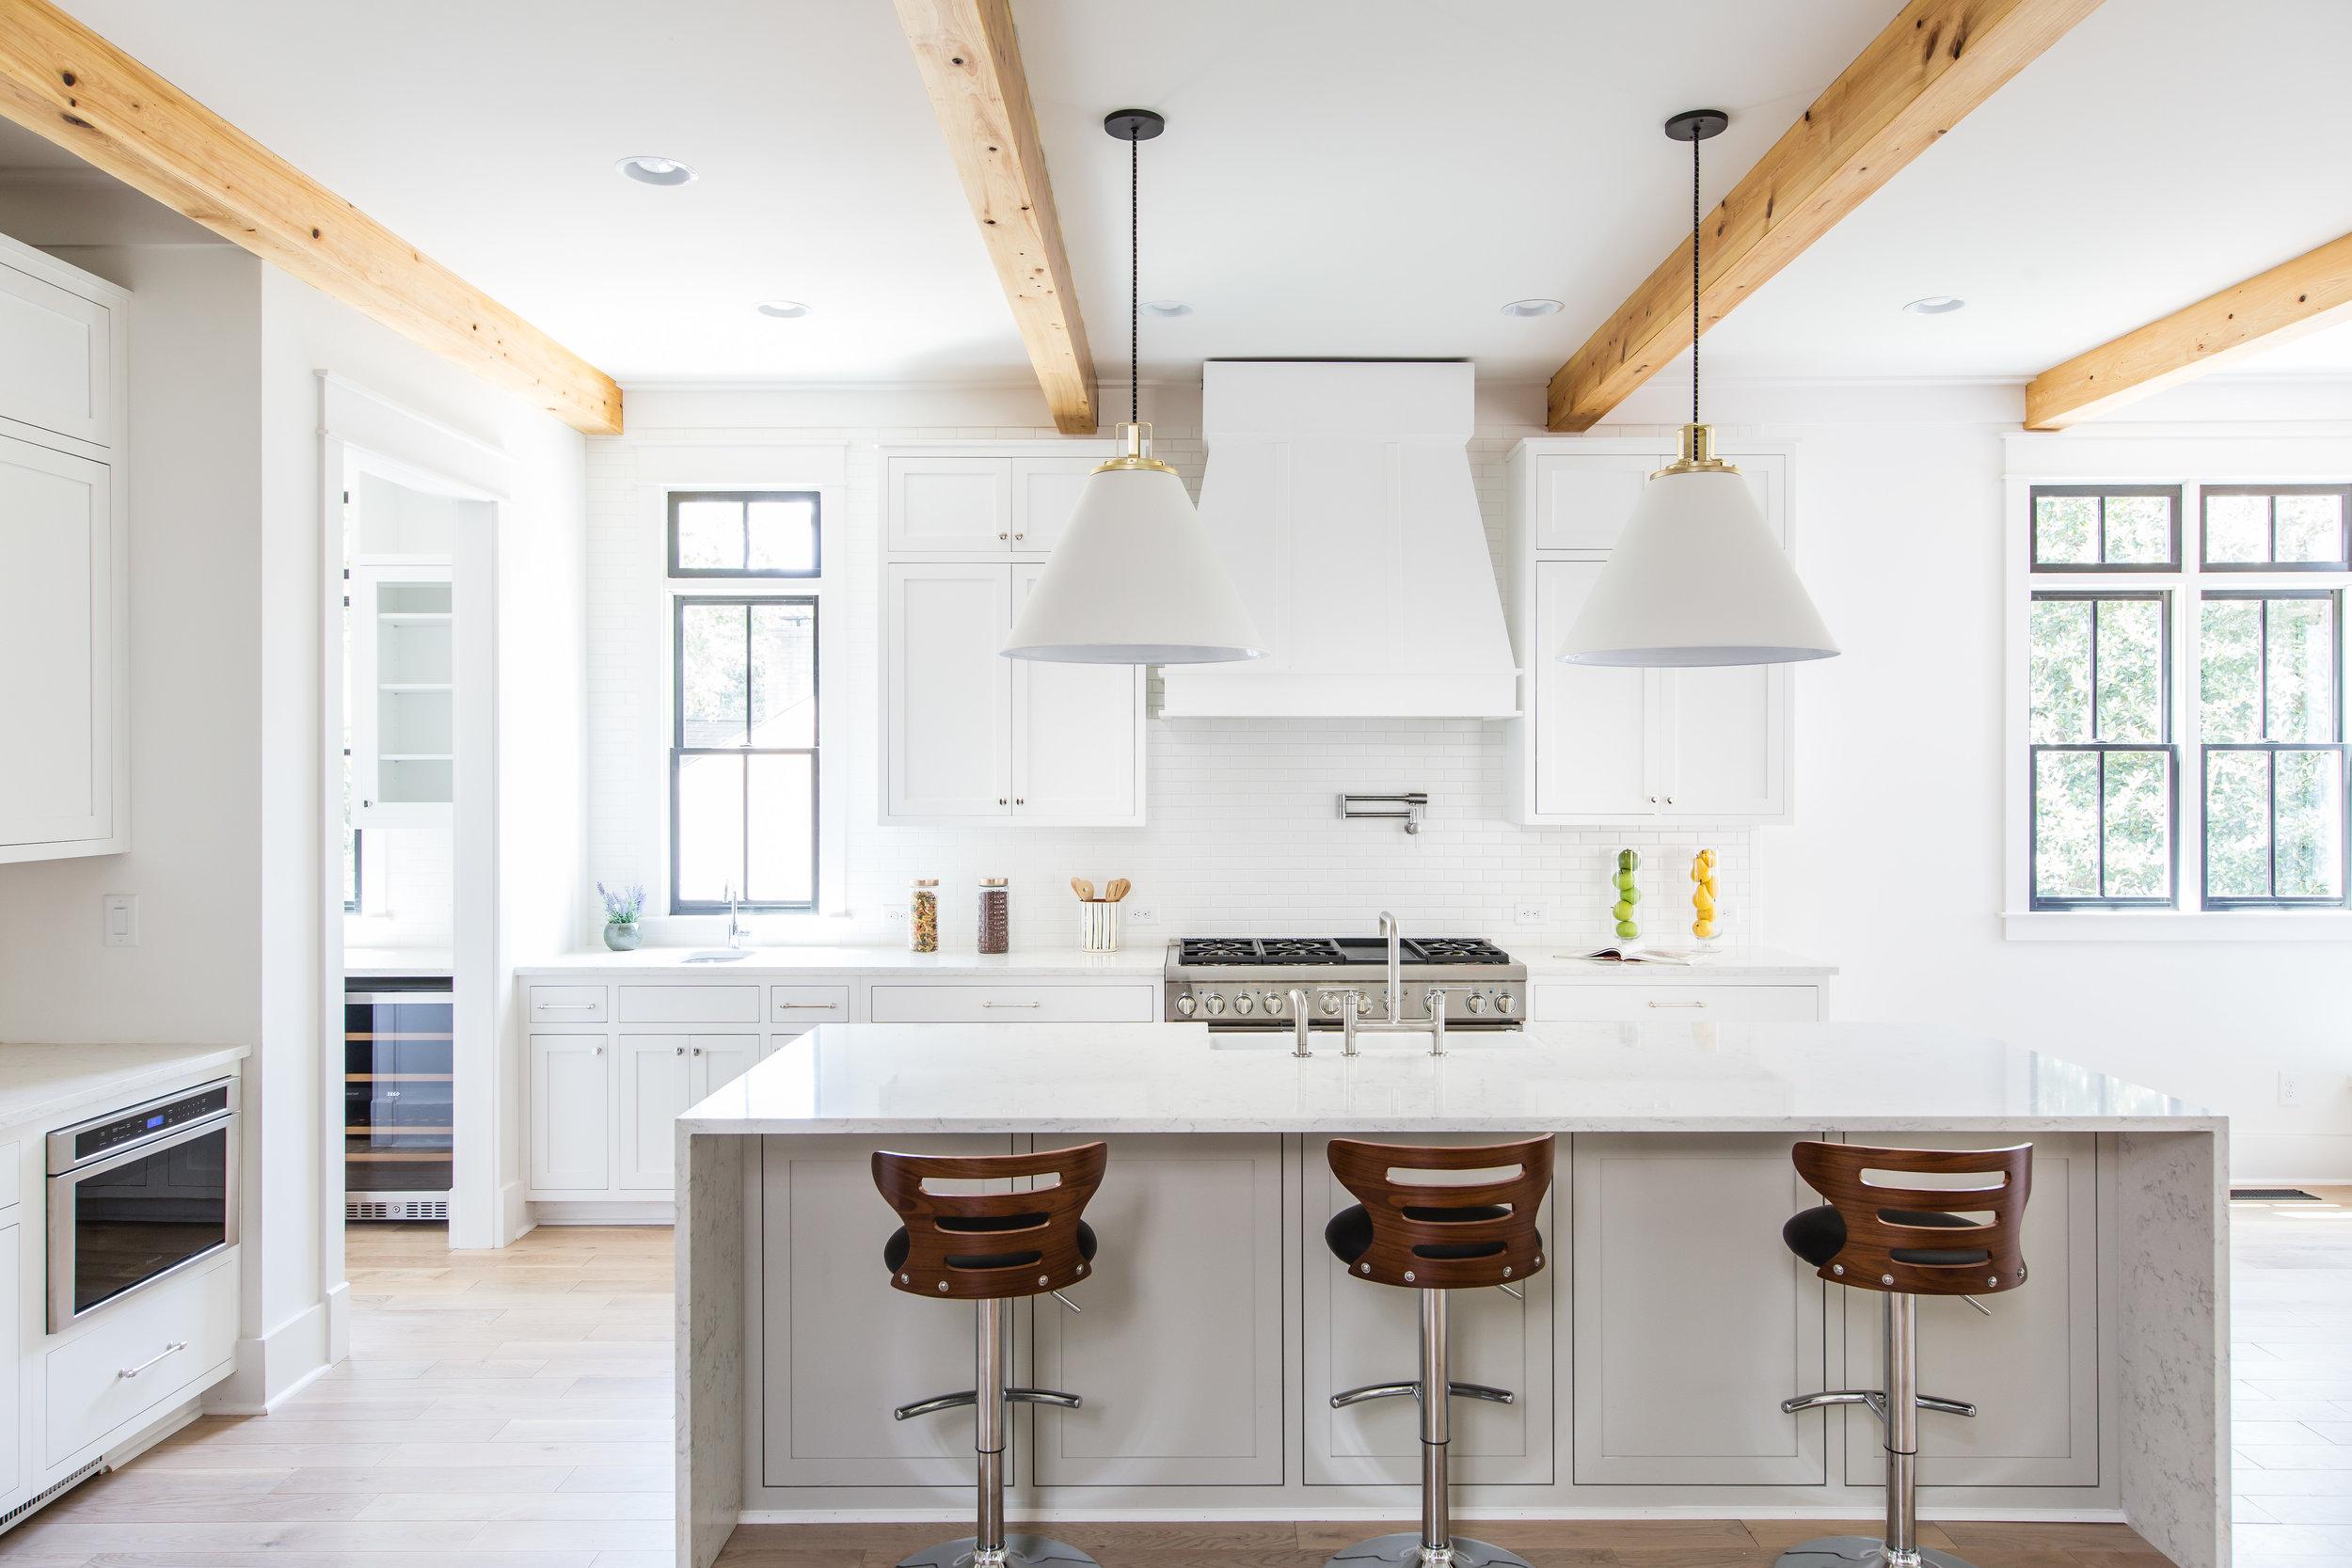 726 Hillpine-Kitchen 2.jpg